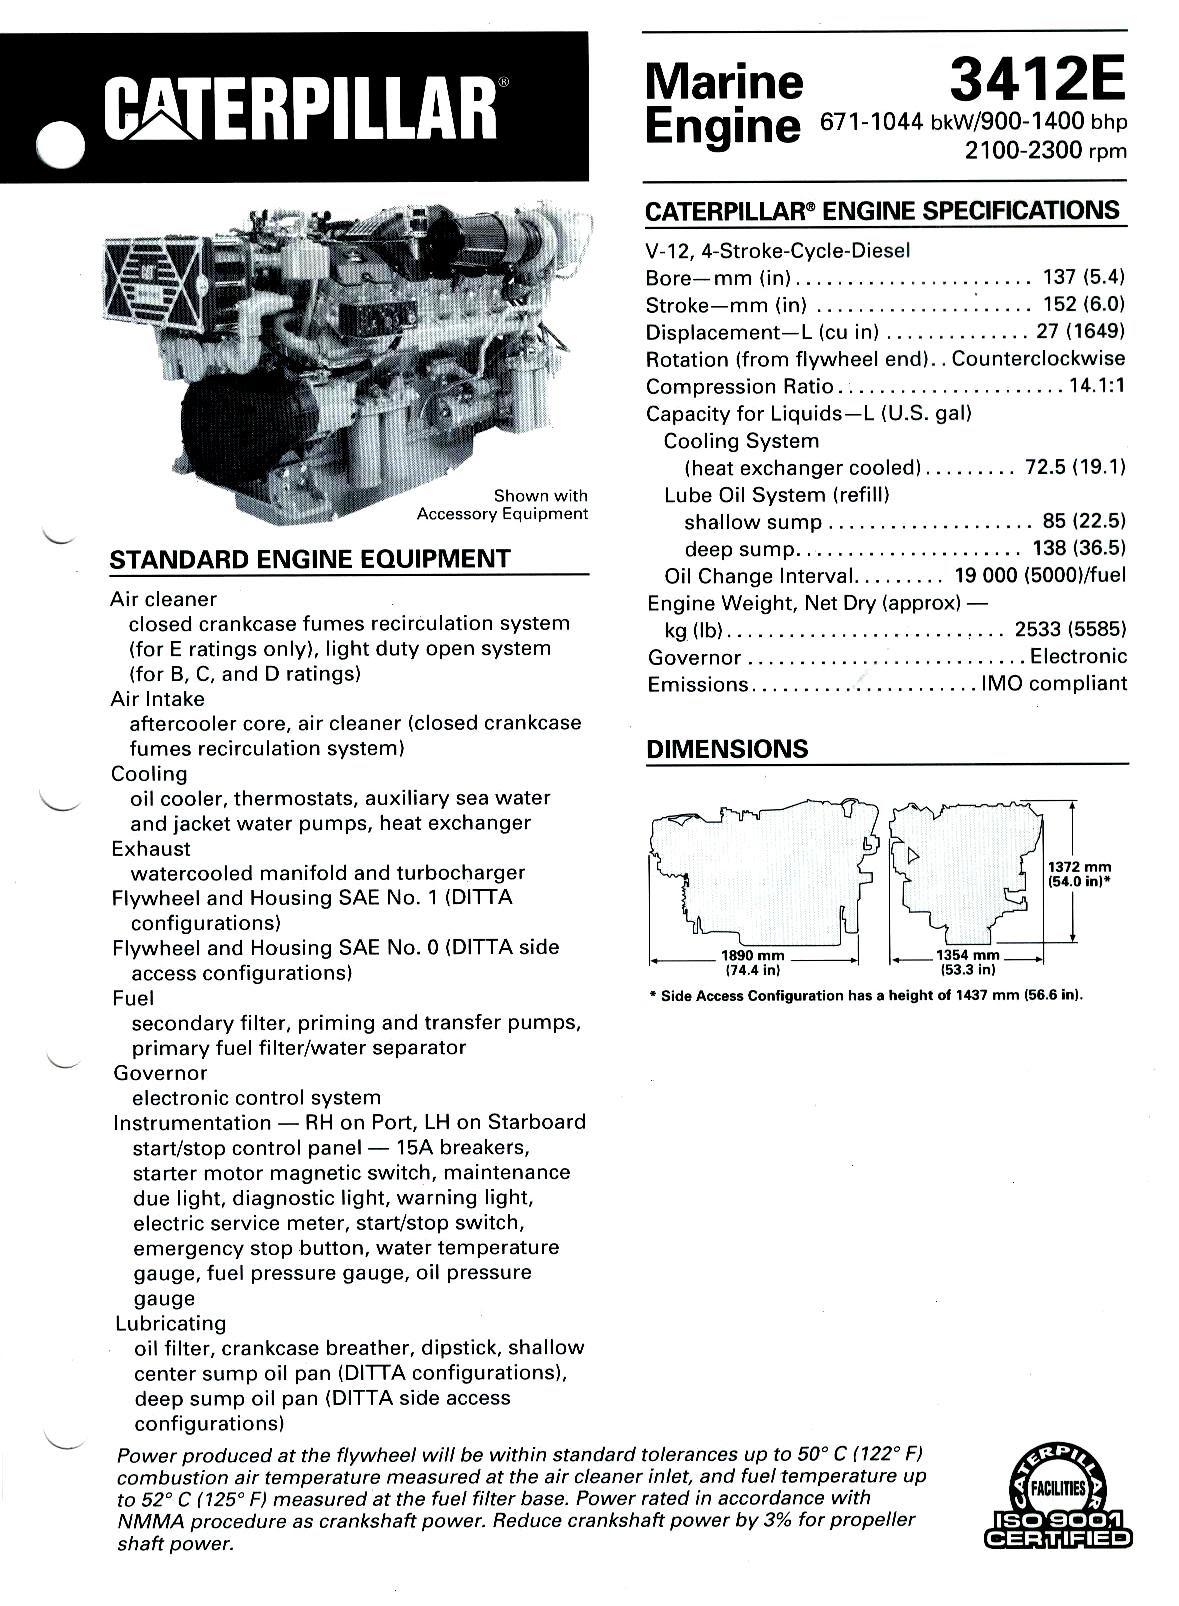 Cat 3412 Marine Engine Oil Capacity